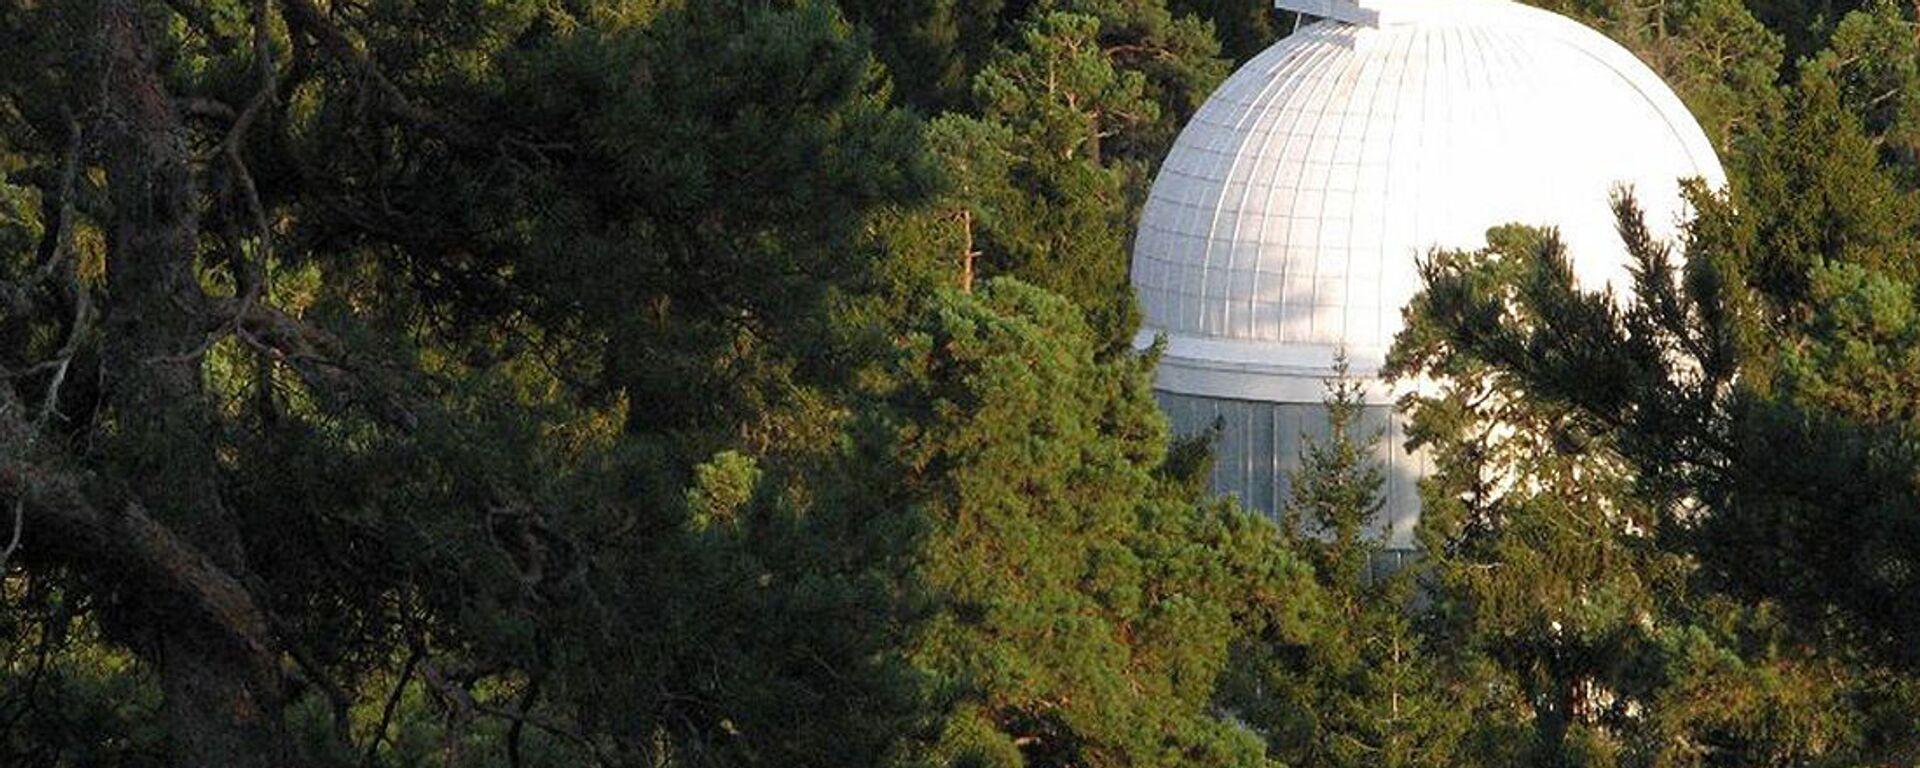 Астрофизическая обсерватория в Абастумани - Sputnik Грузия, 1920, 03.09.2018